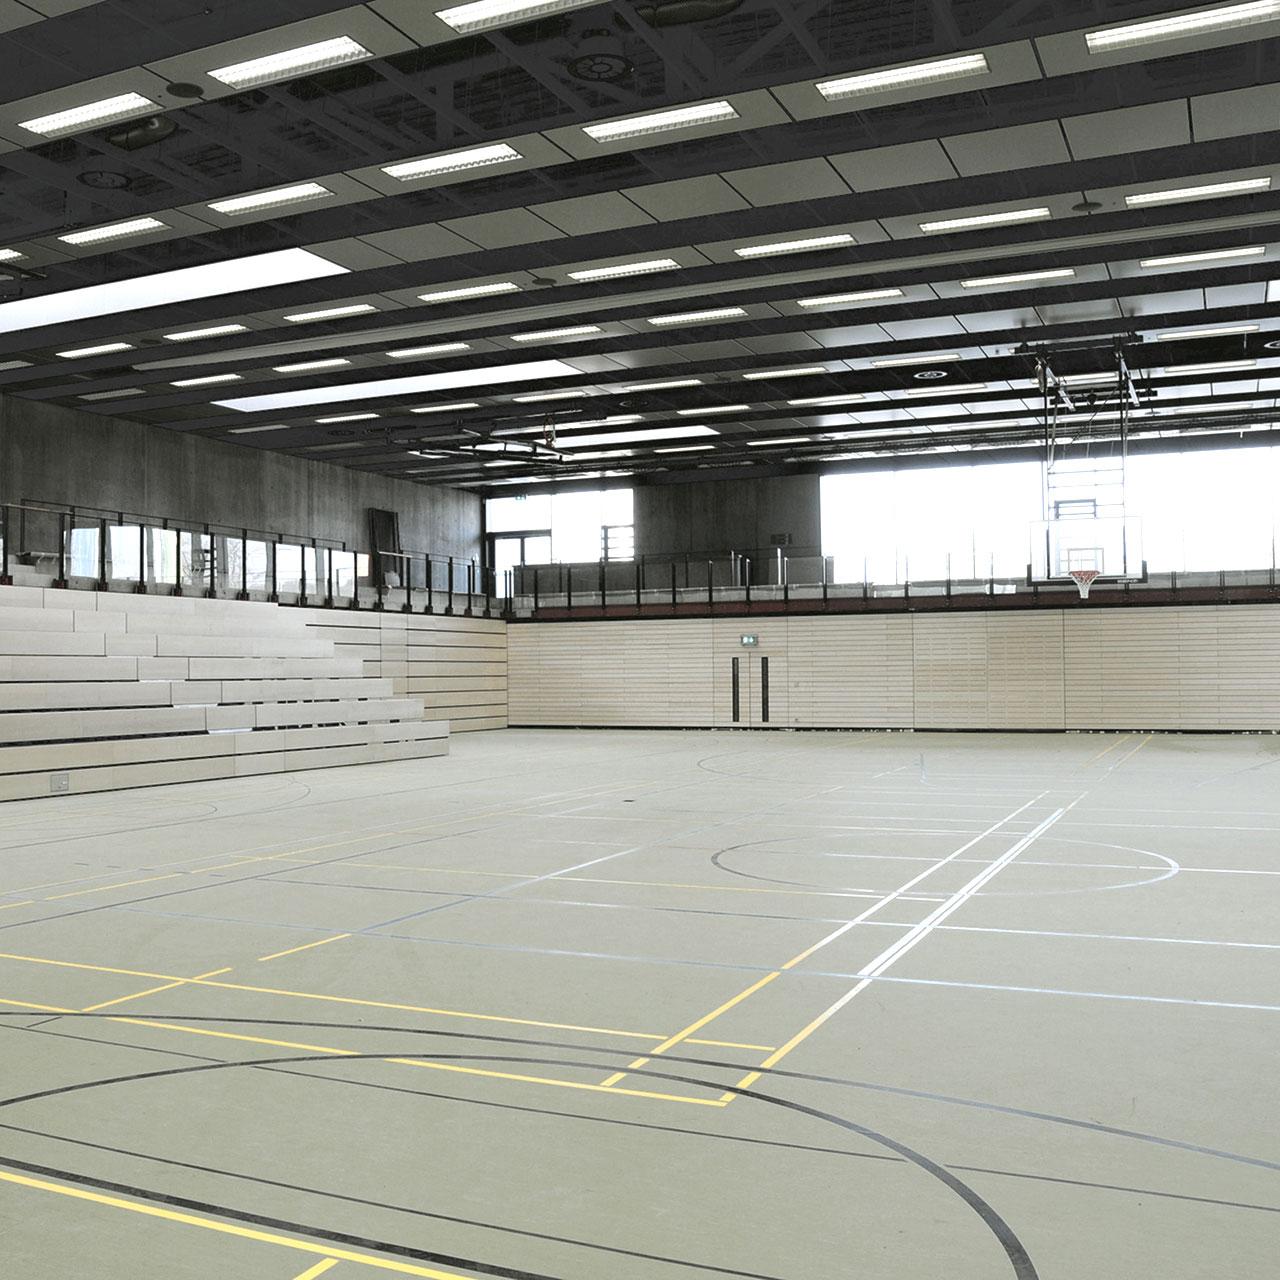 Neubau Sport- und Kulturzentrum Walldorf, Halle